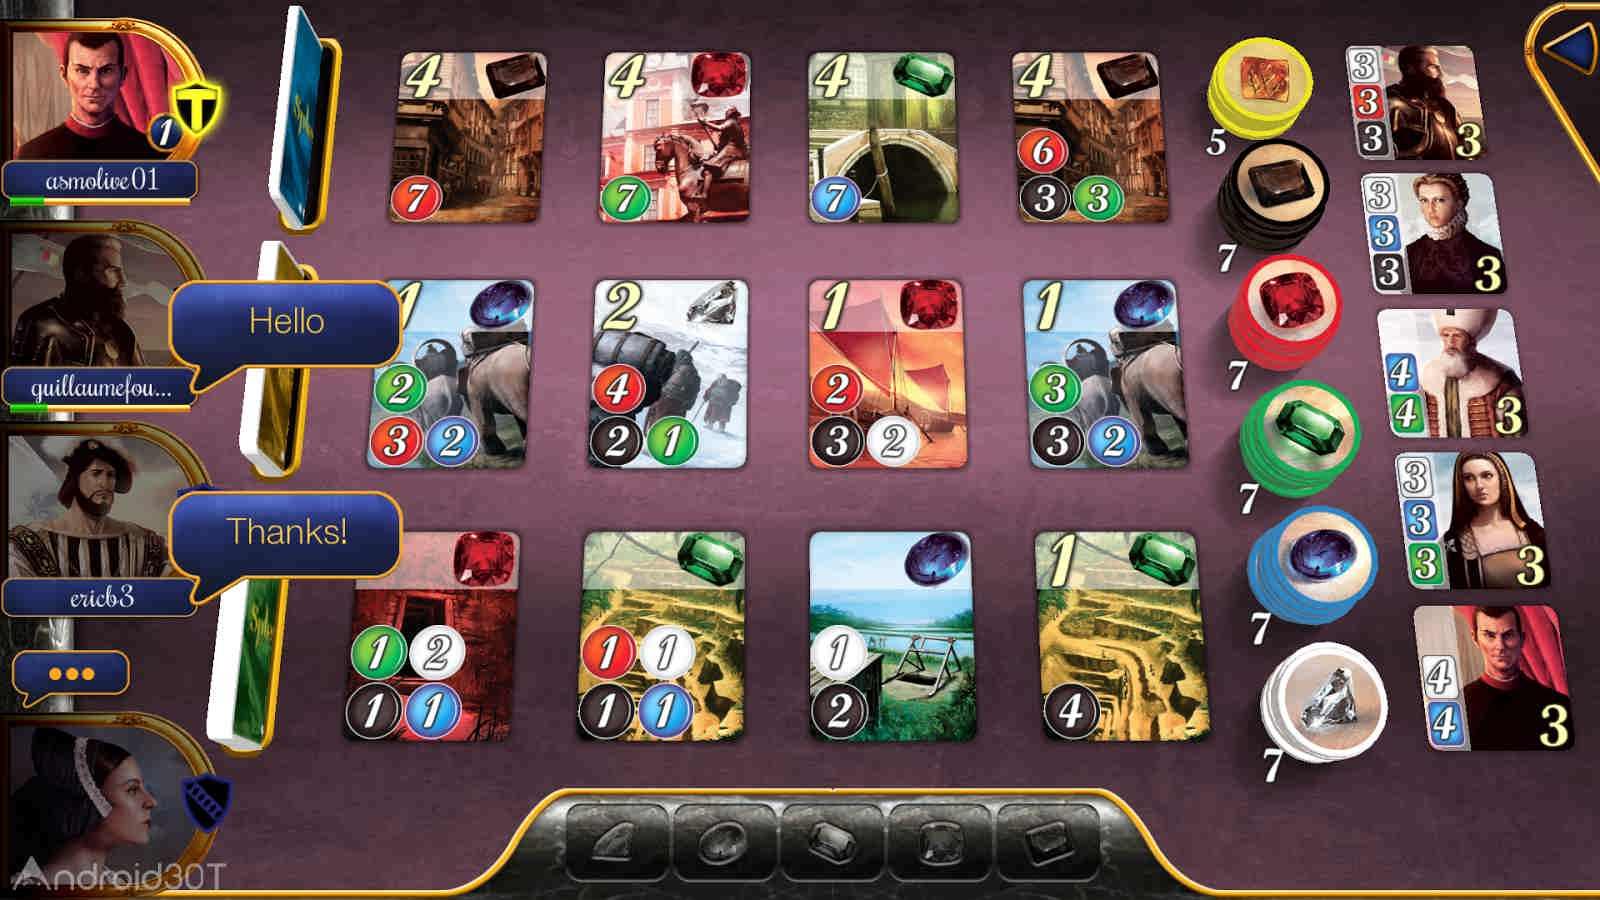 دانلود Splendor 2.4.0 – بازی فکری شکوه و جلال اندروید